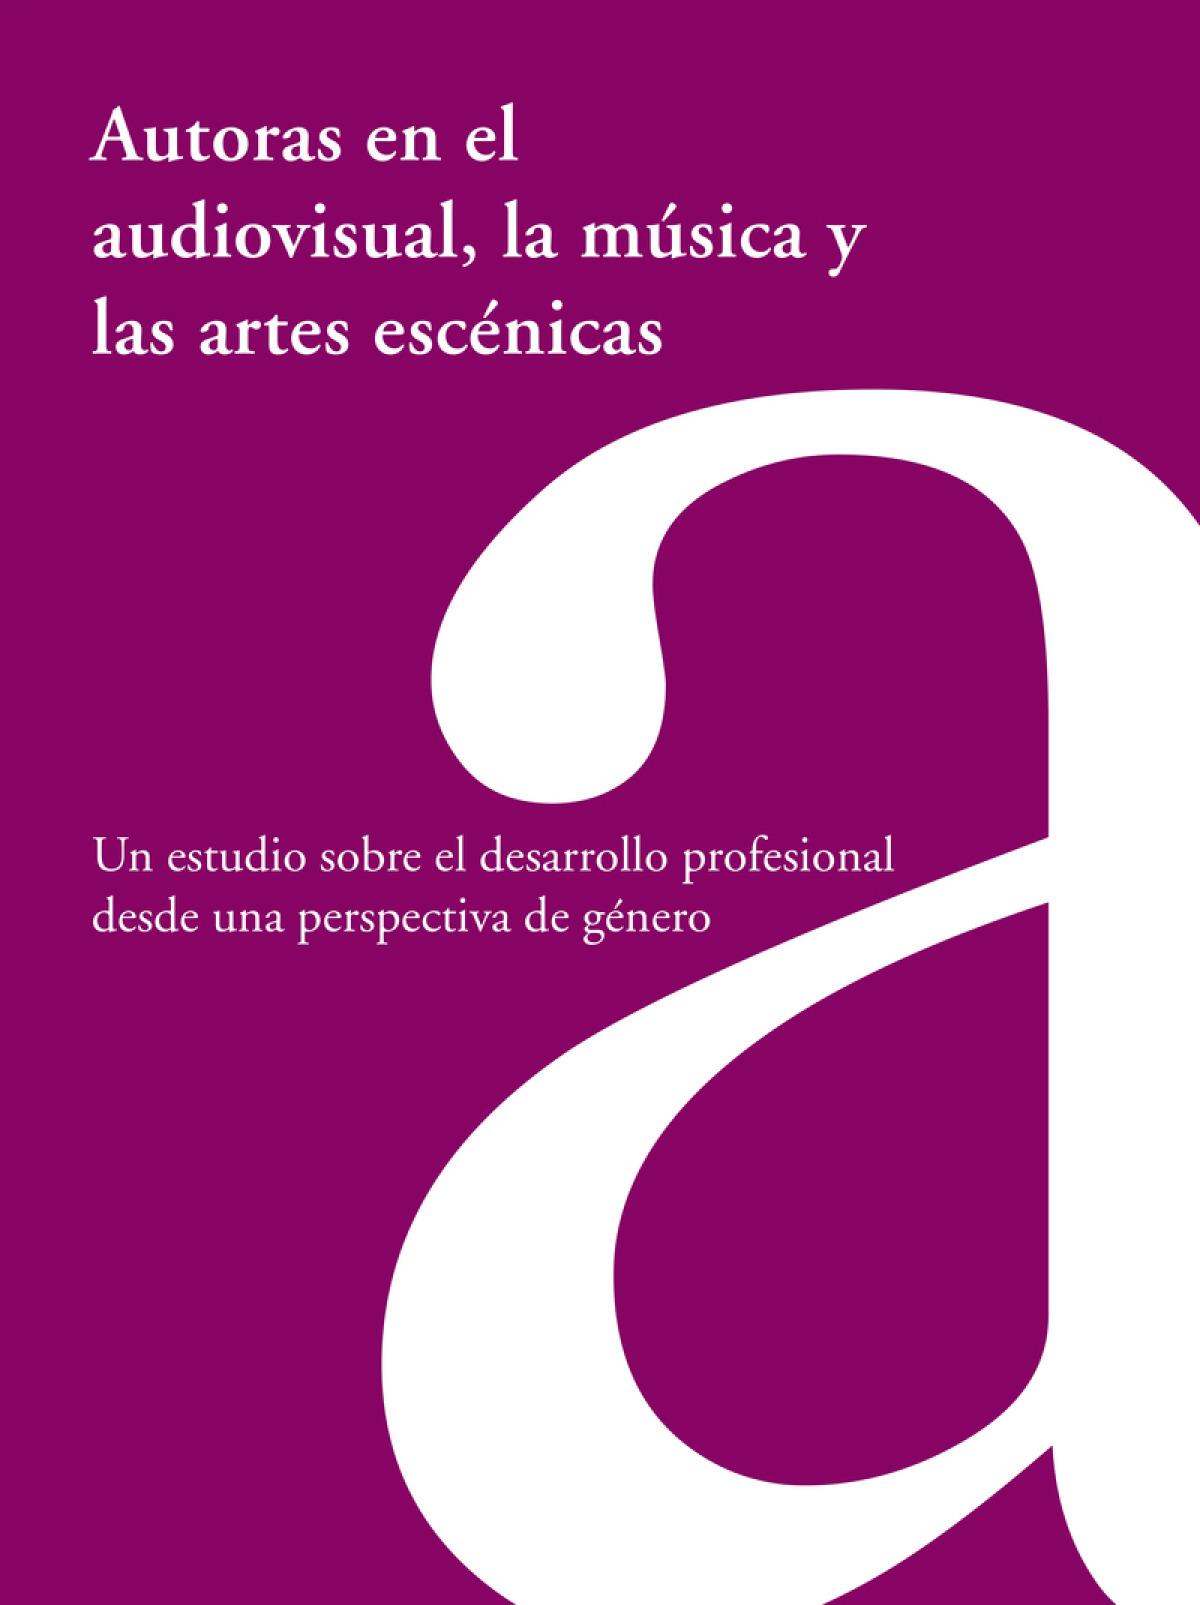 AUTORAS EN EL AUDIOVISUAL LA MUSICA Y LAS ARTES ESCENICAS